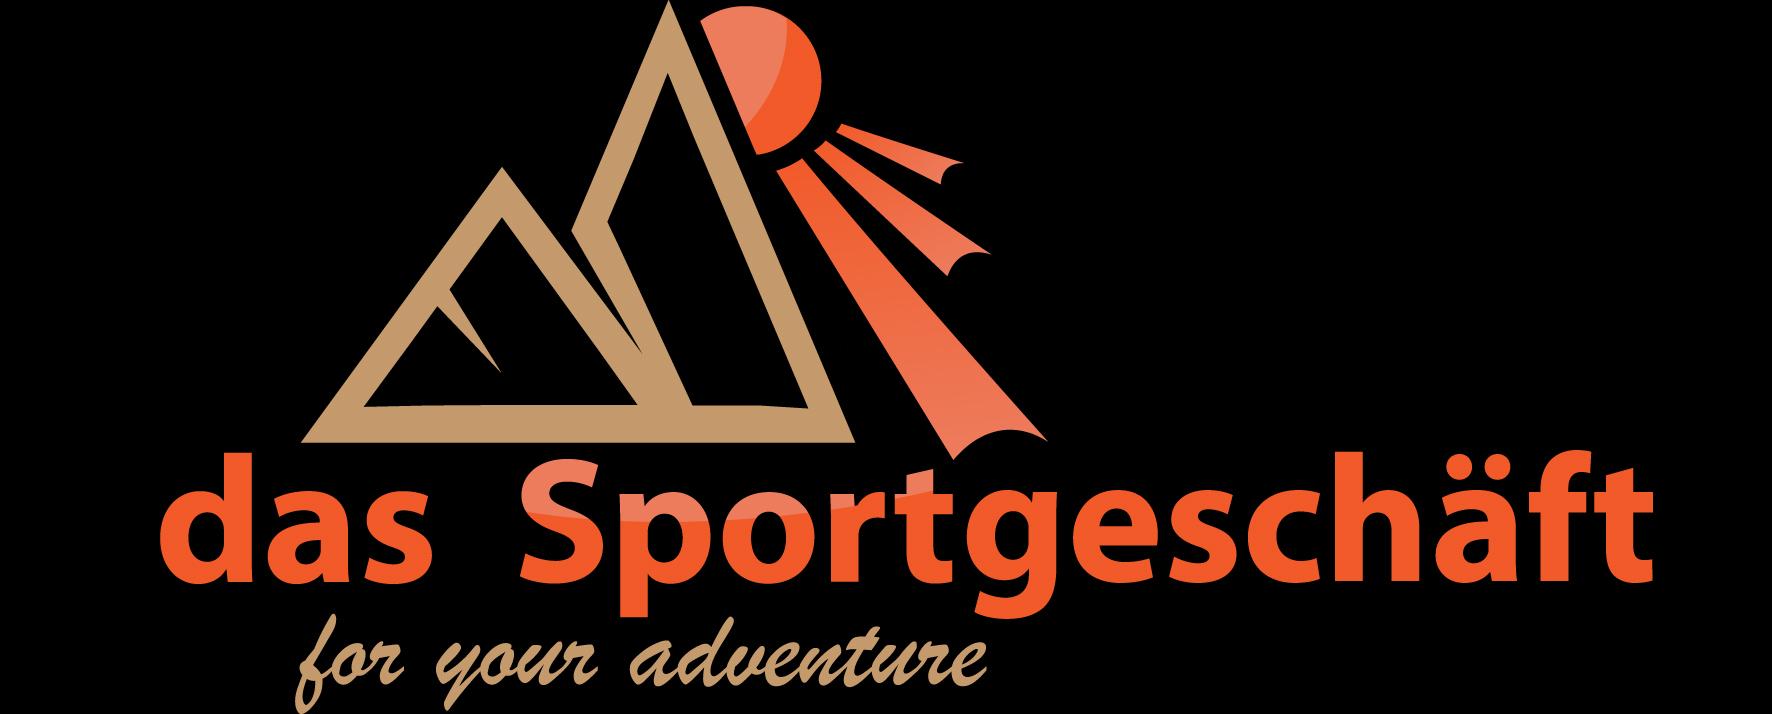 das-Sportgeschäft-Logo